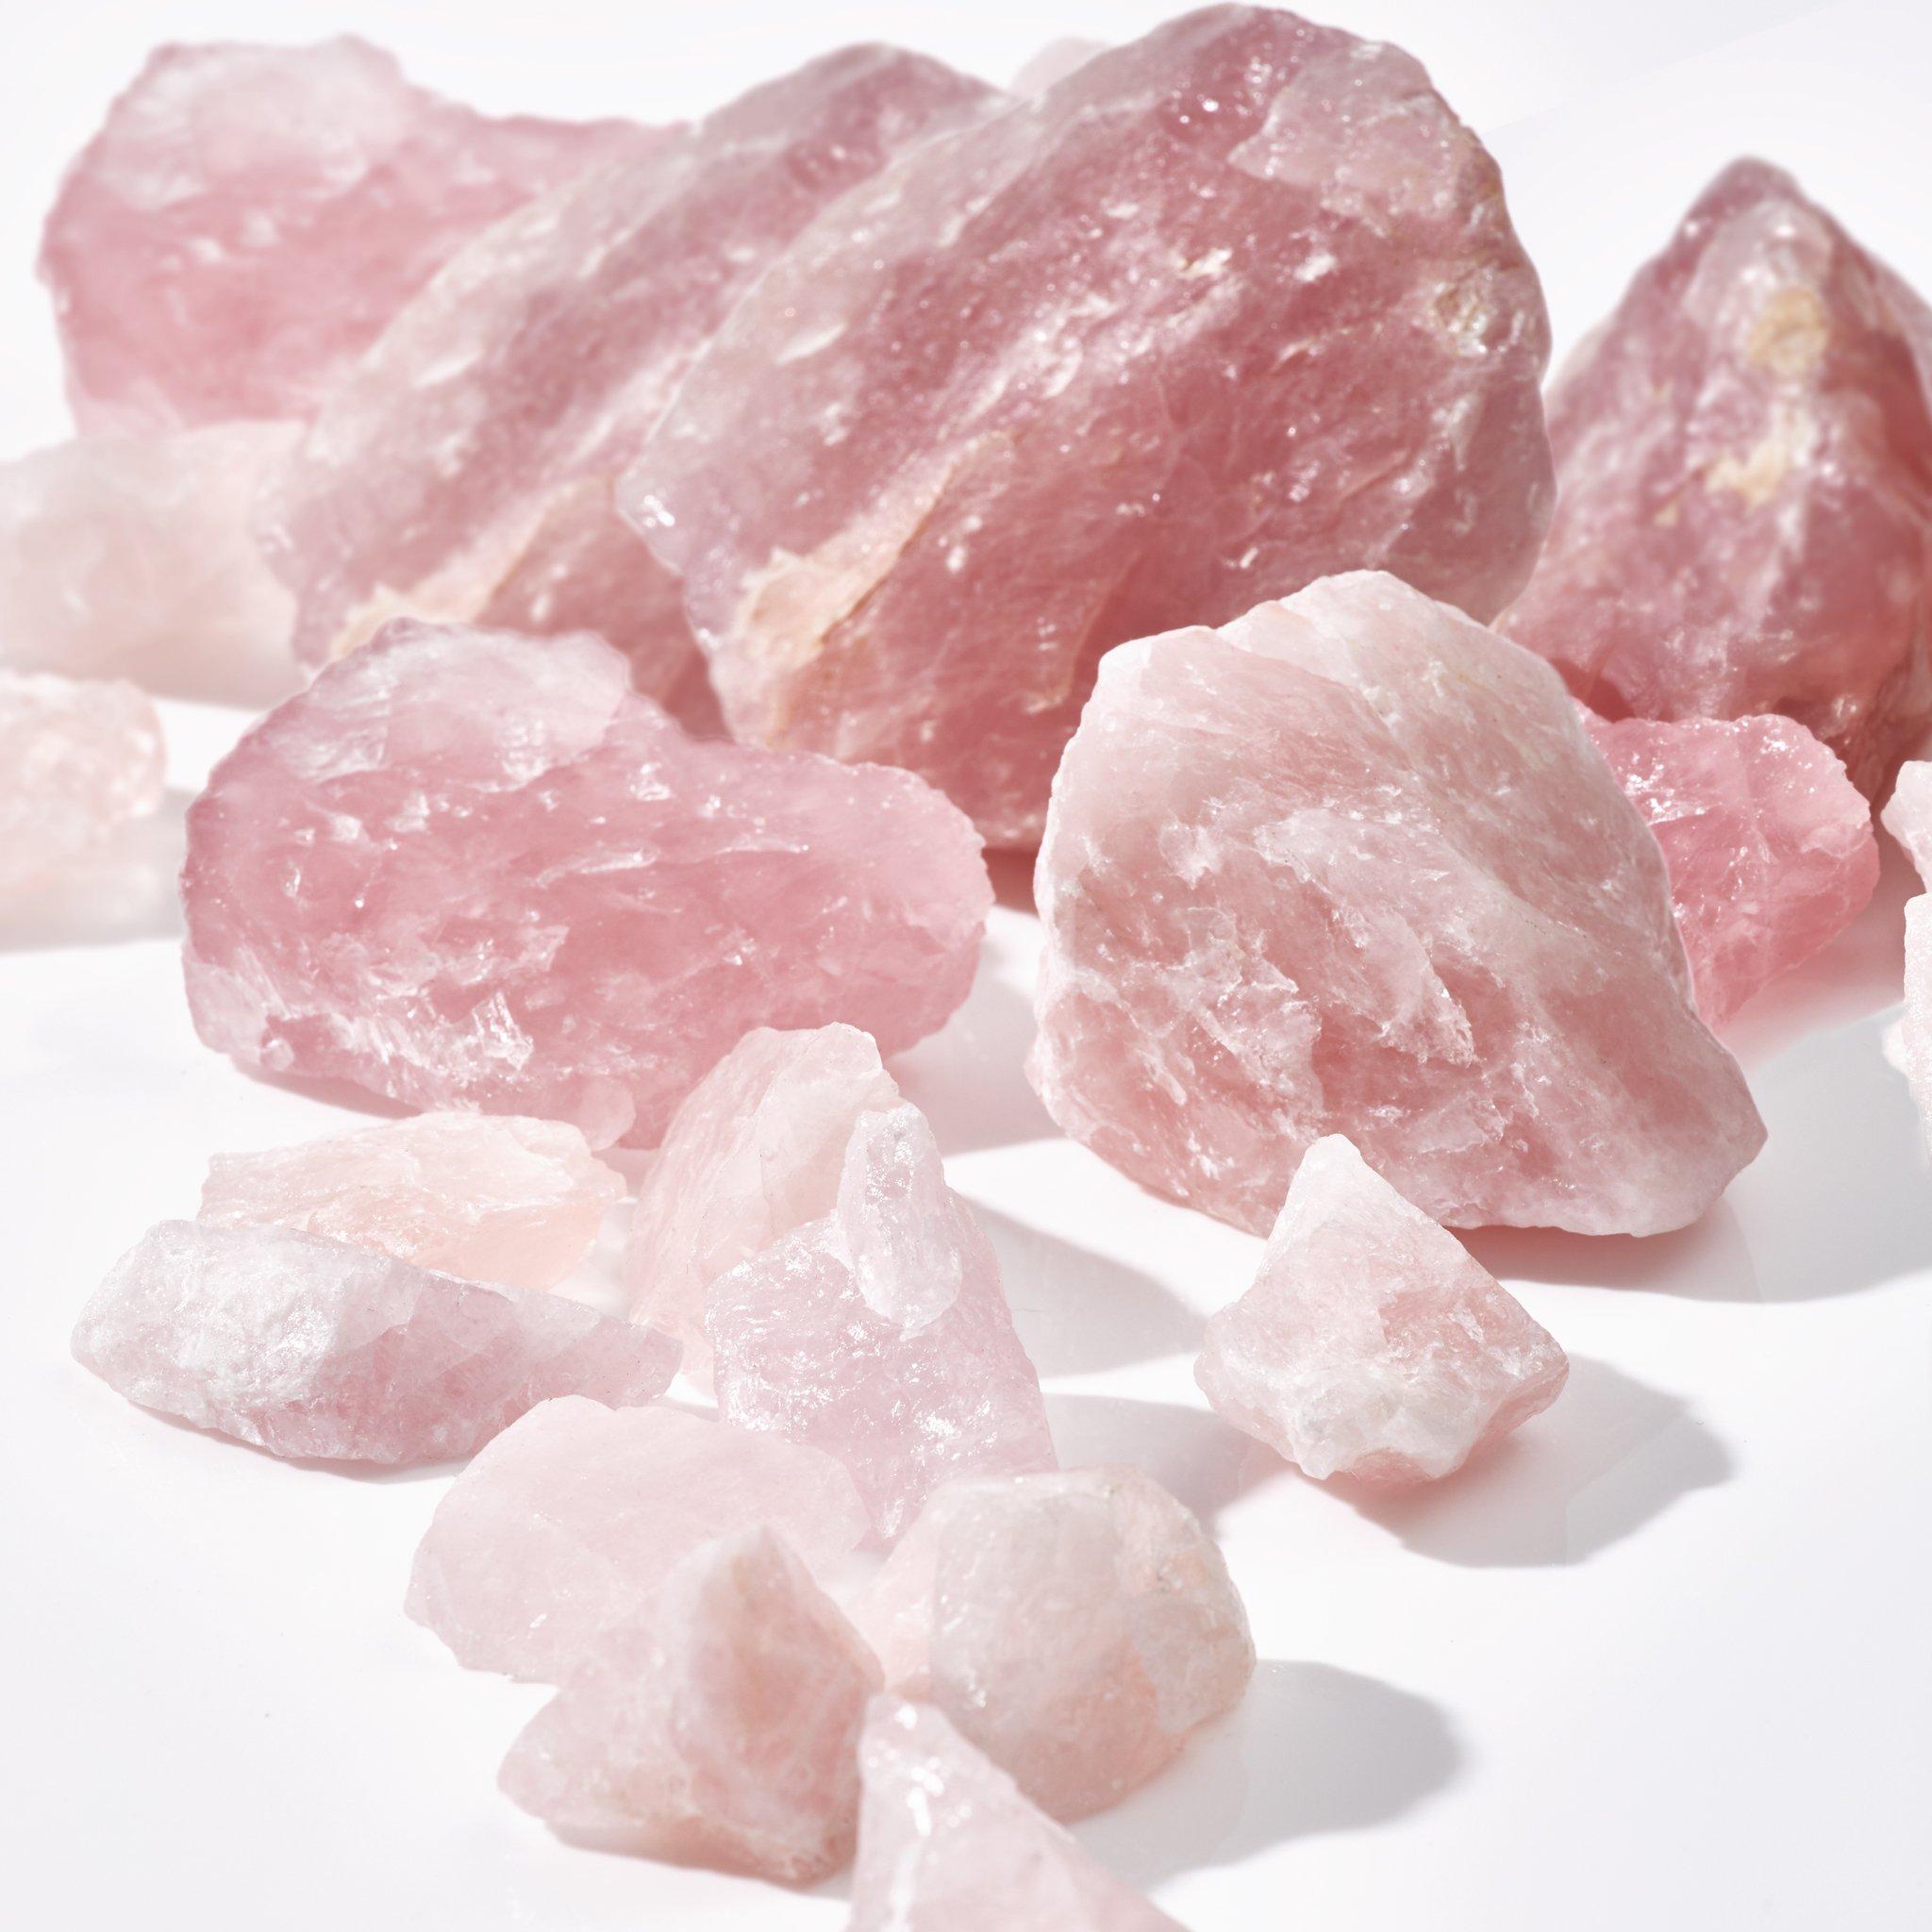 Ροζ Χαλαζίας - Rose Quartz stuff